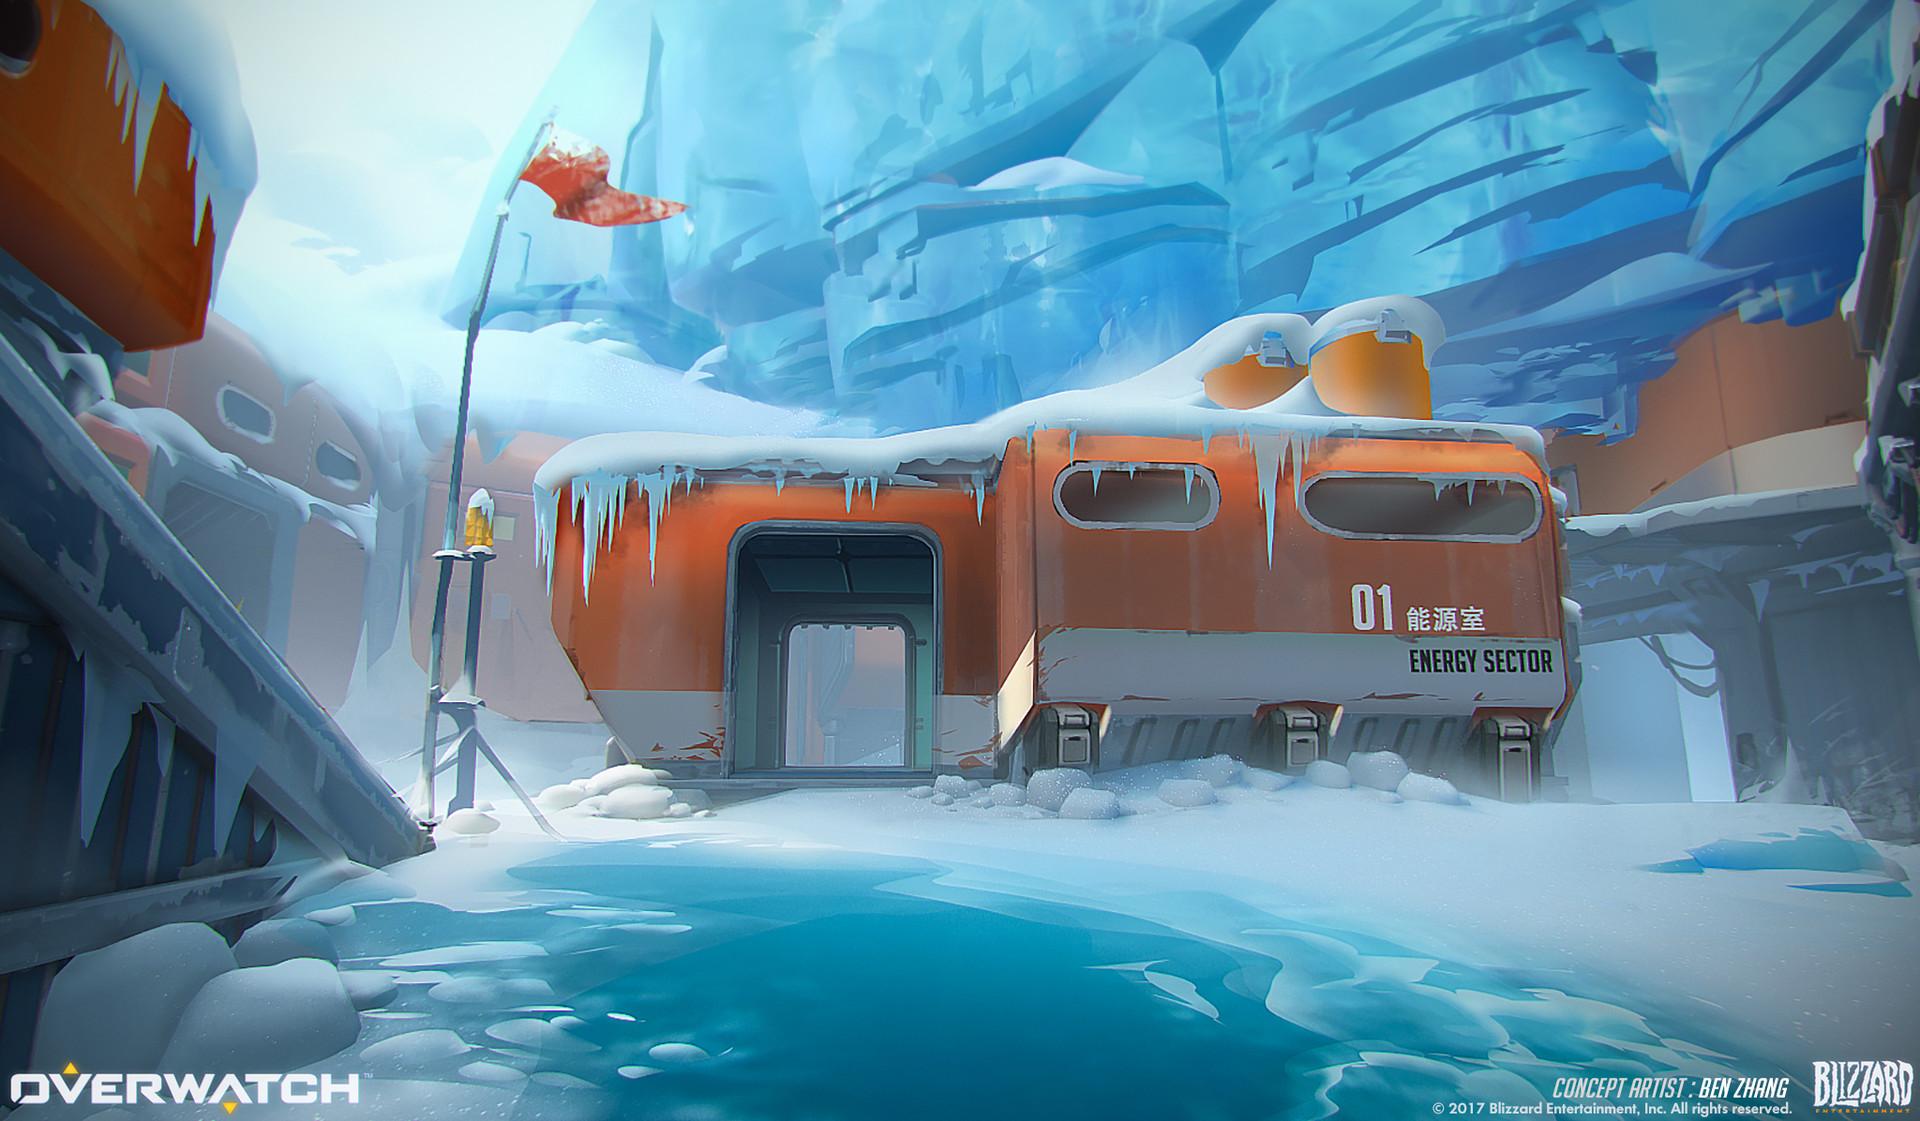 Ben zhang ecopoint antarctica concept